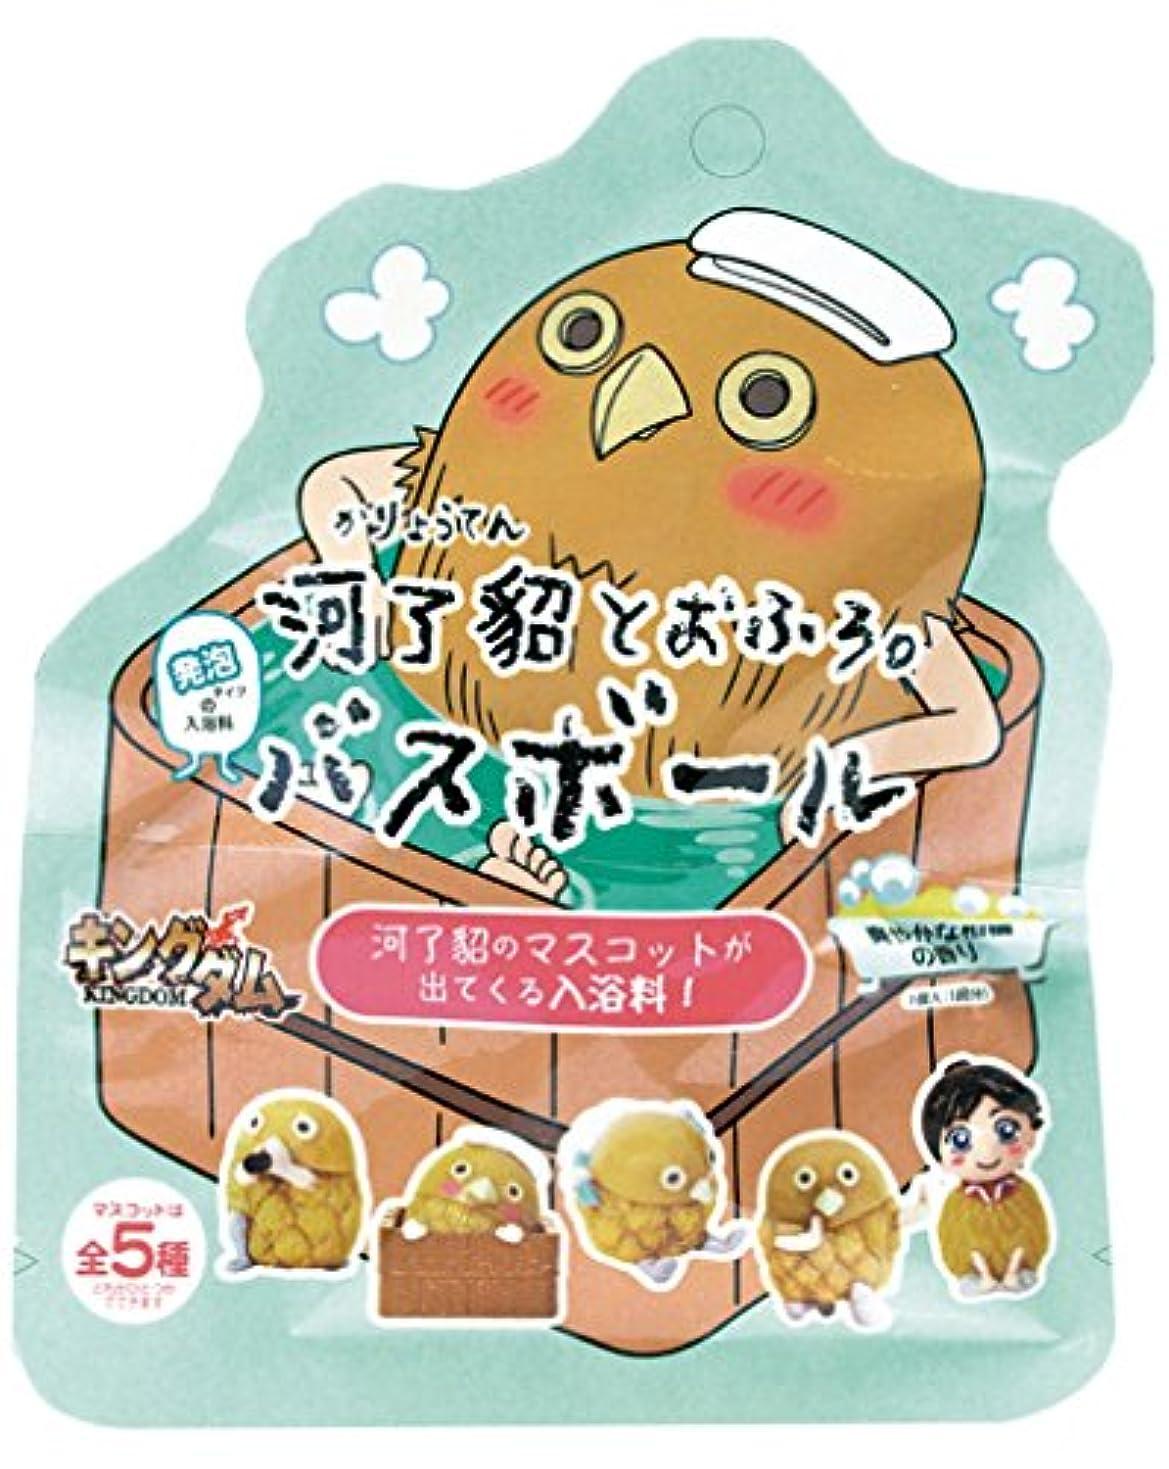 不名誉な犯人かすれたキングダム 入浴剤 バスボール 柑橘の香り 60g マスコット入り OB-GMB-1-1